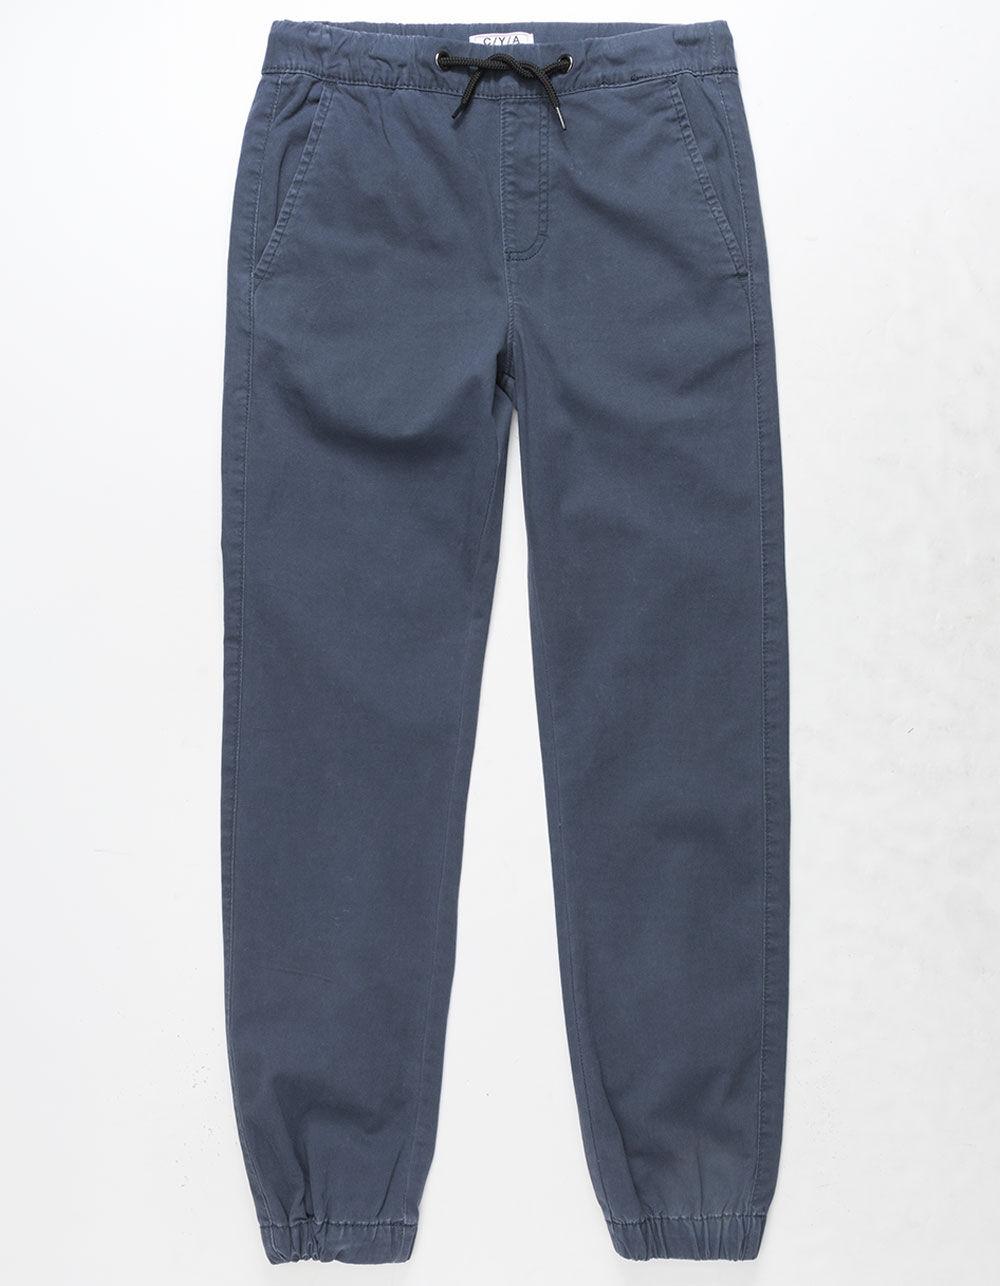 Image of CYA CHAD NAVY BOYS JOGGER PANTS